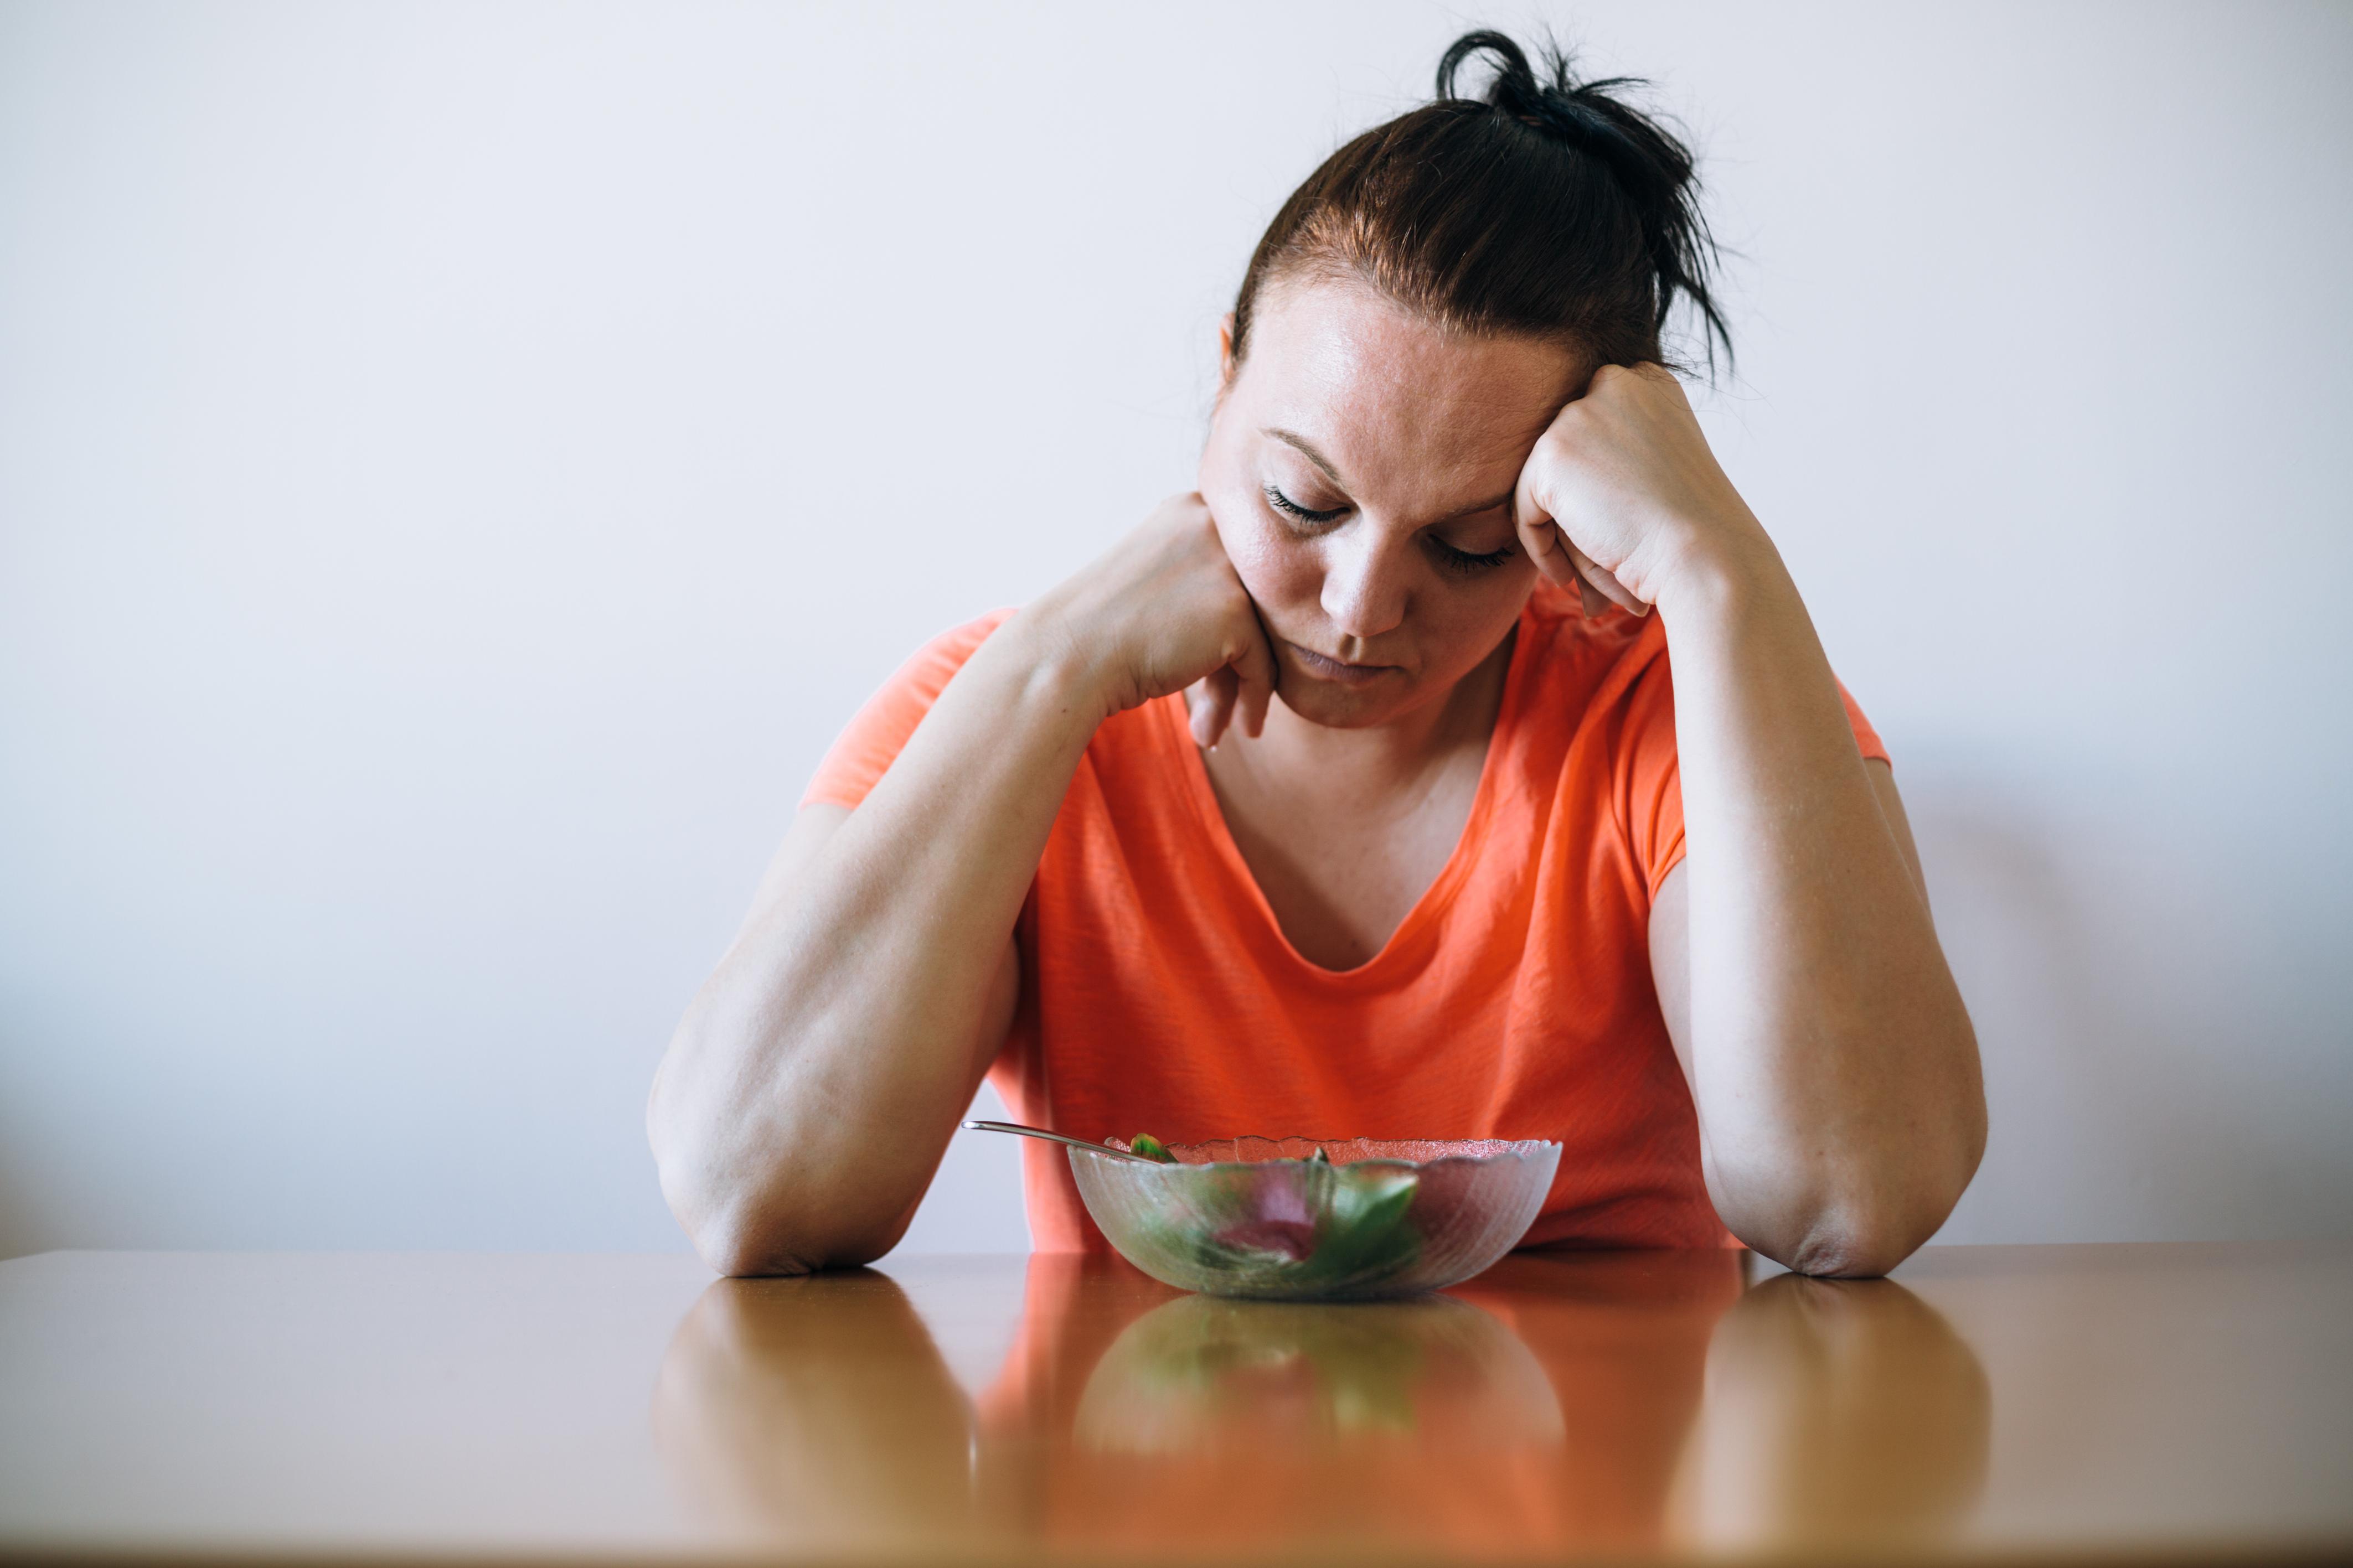 Brist på sömn verkar försvåra för oss människor att göra nyttigare matval.